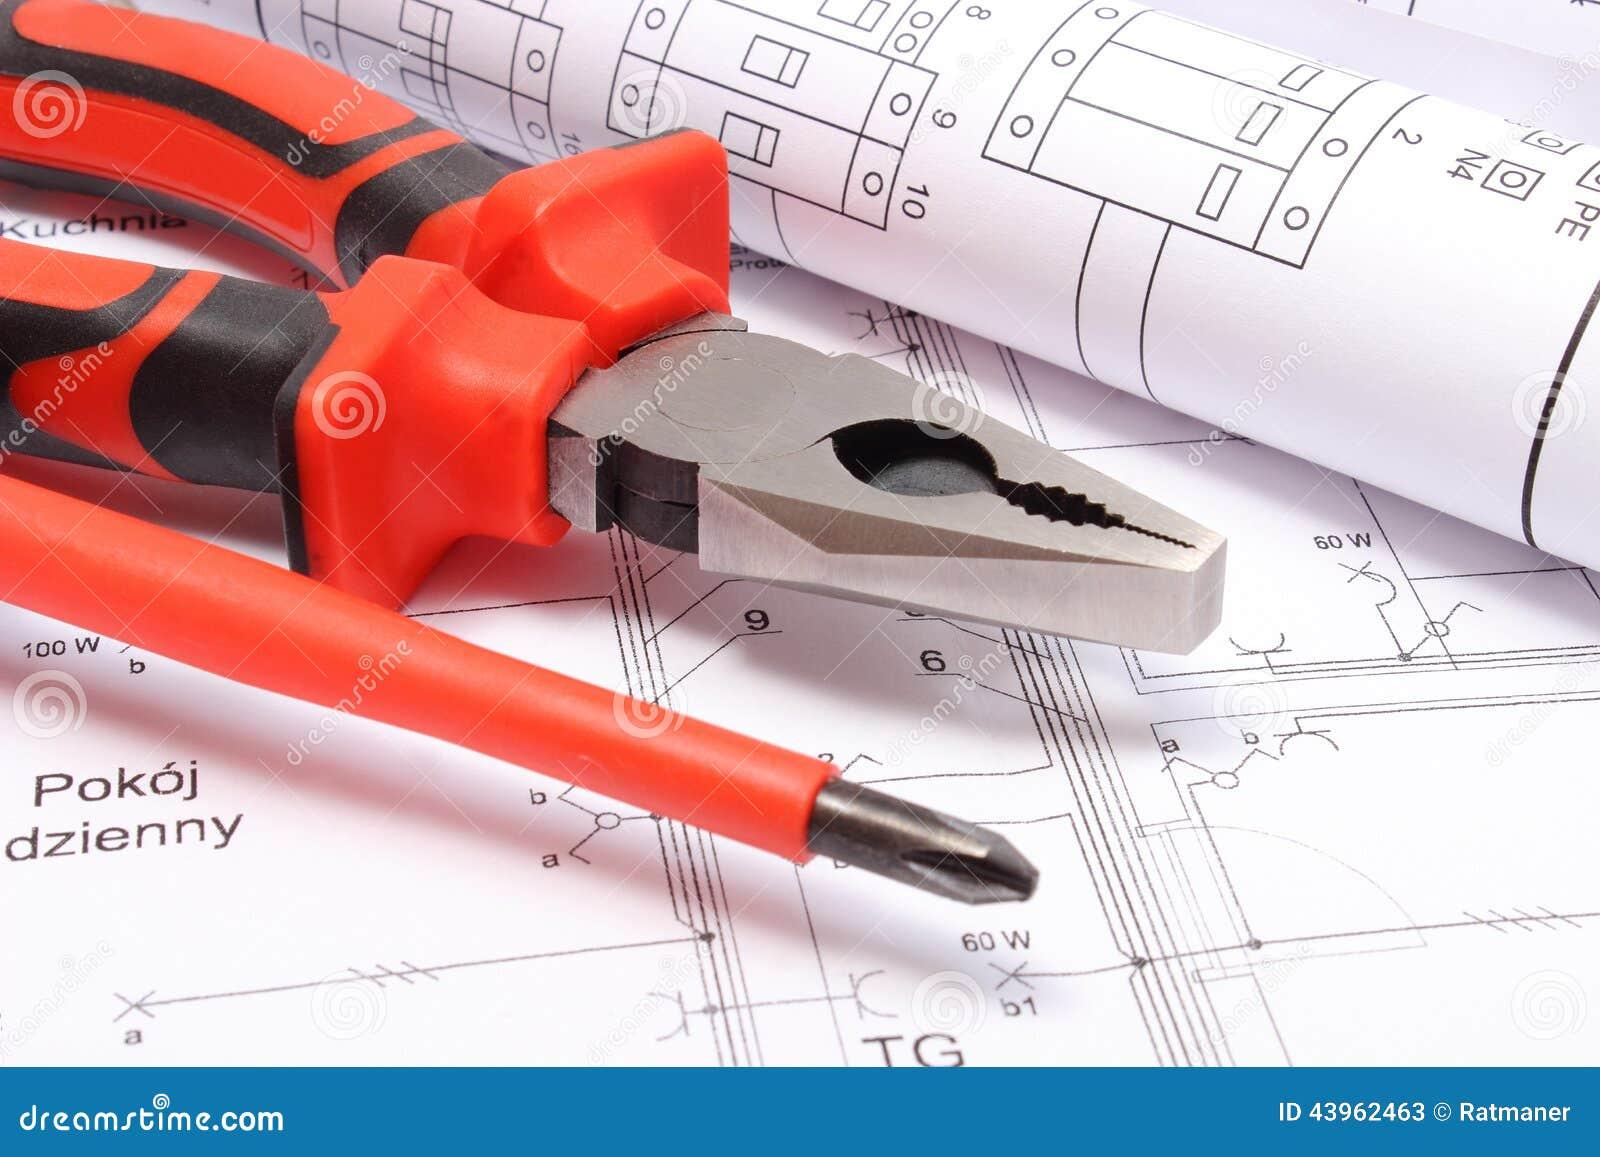 Schemi Elettrici Casa : Diagrammi e strumenti elettrici rotolati del lavoro sul disegno di